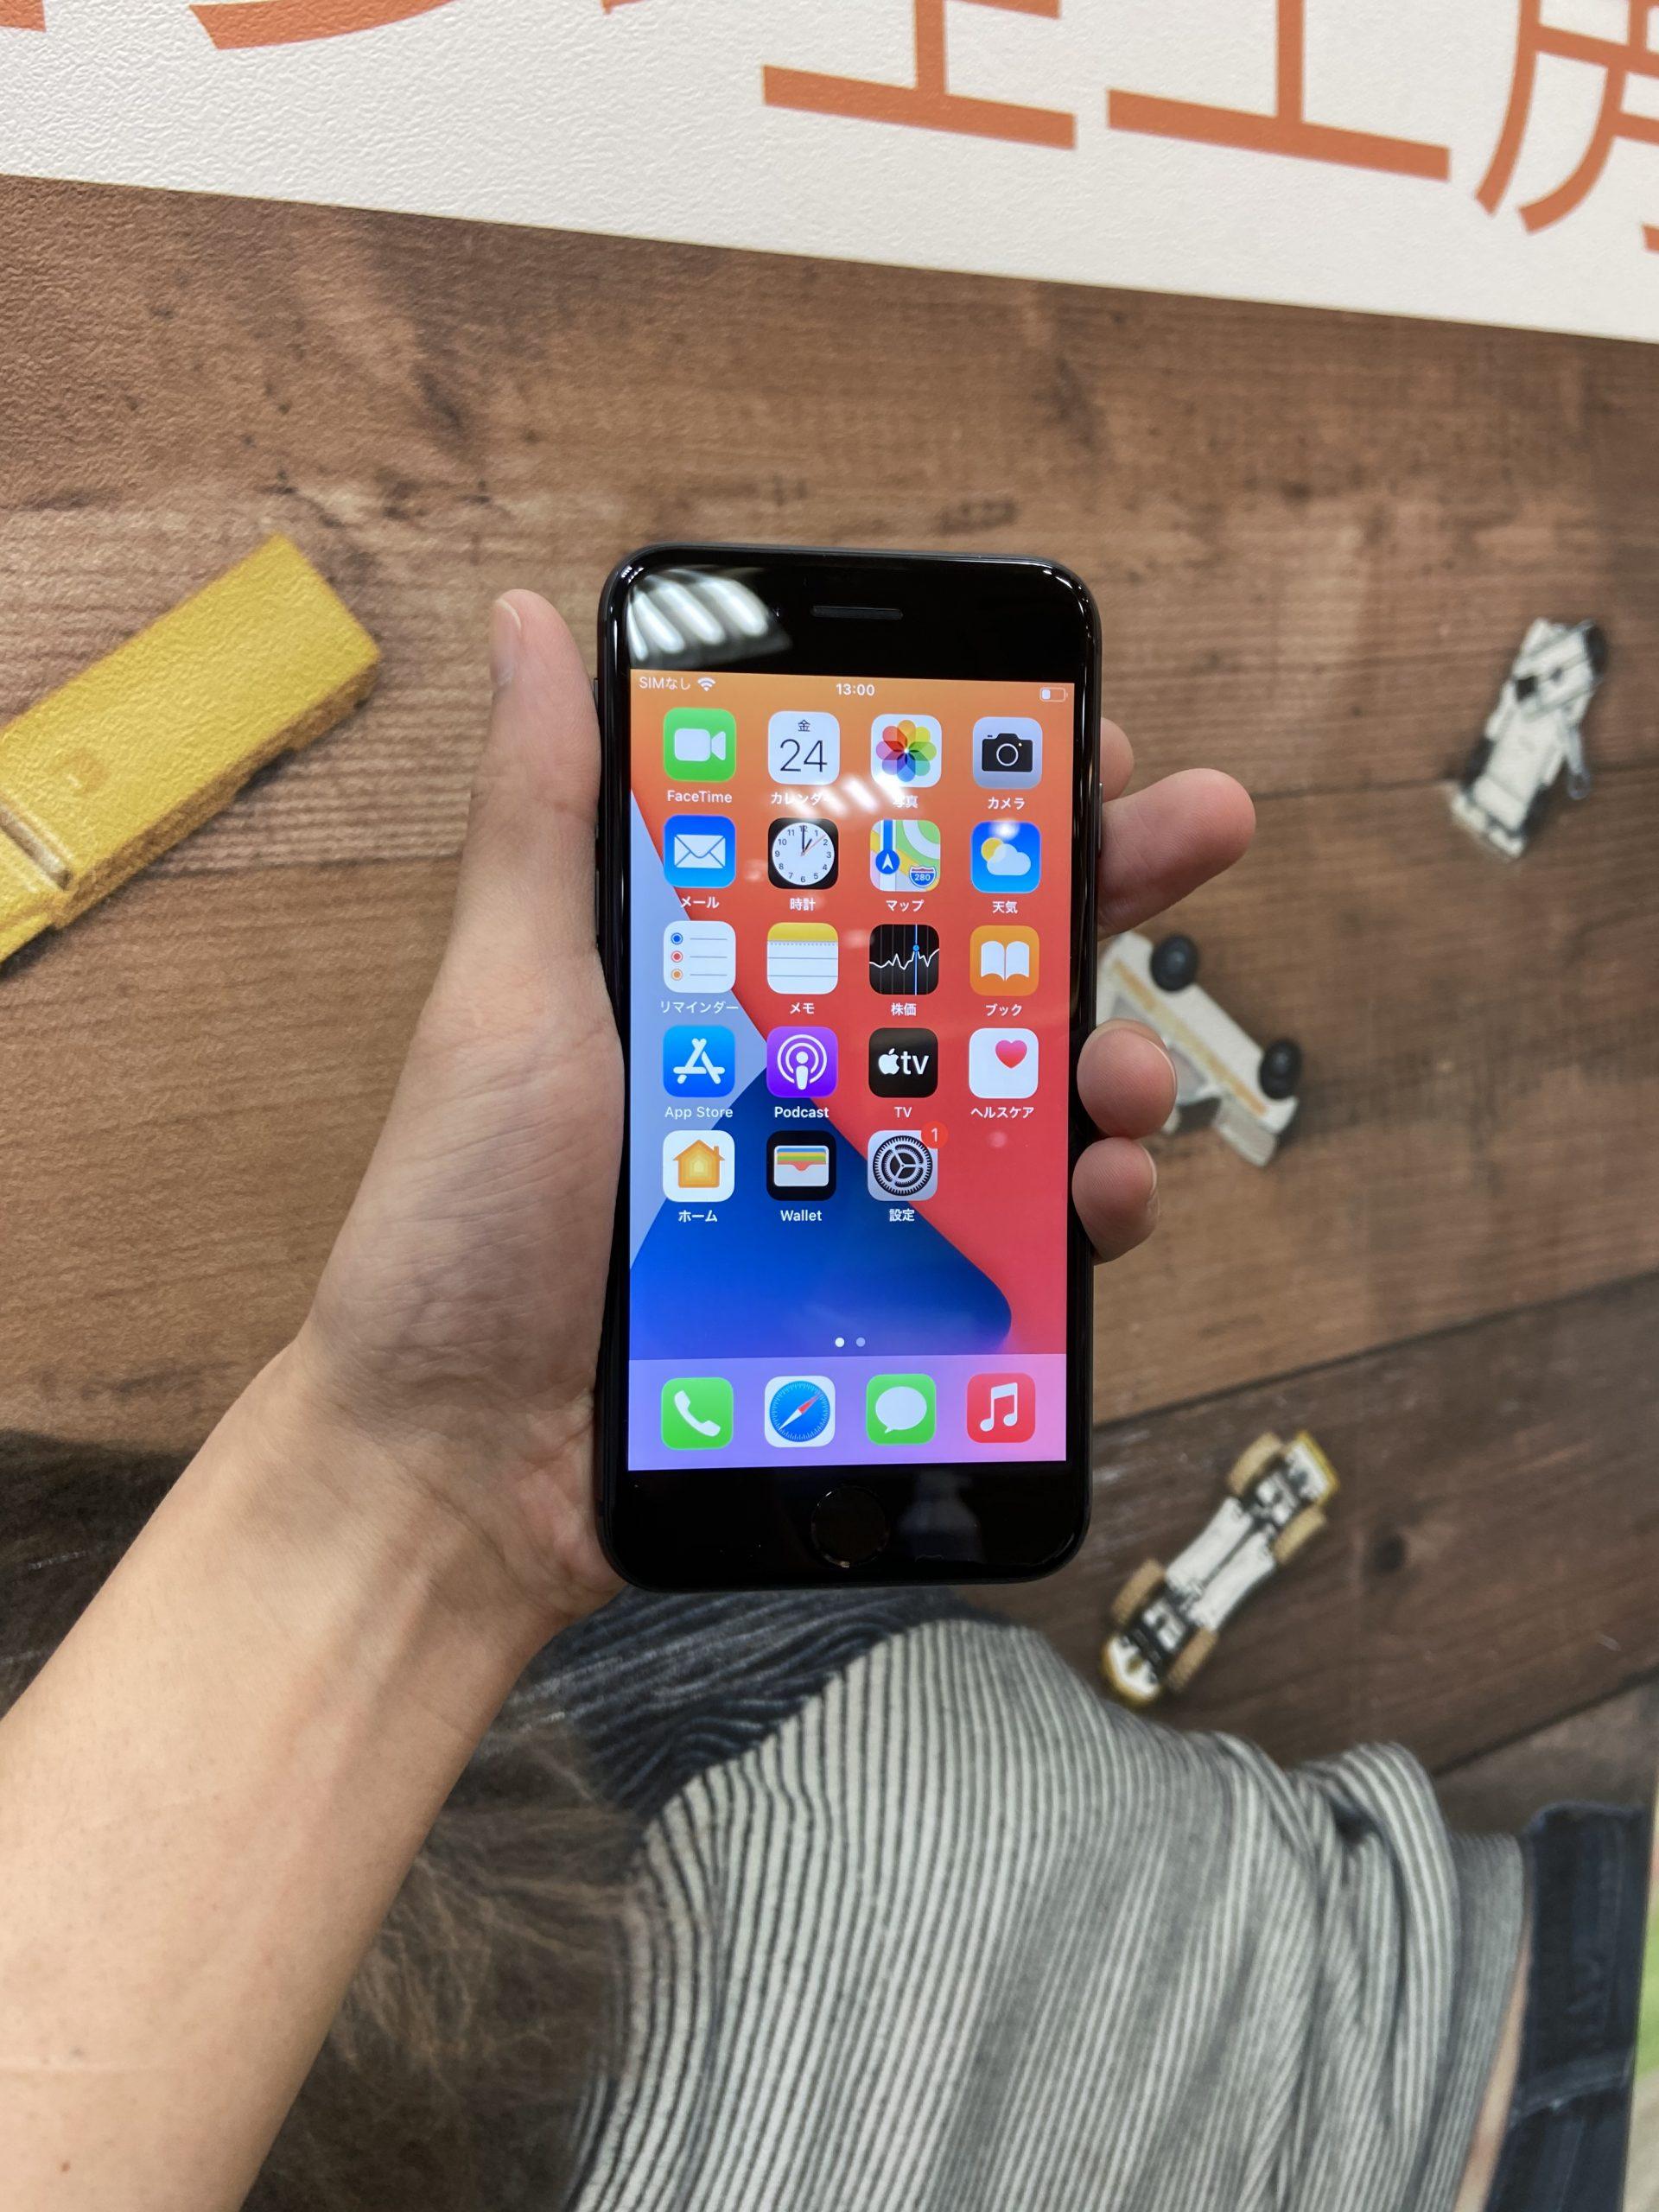 iPhone8 64GB 交換品 docomo○ ブラック 中古本体のみ